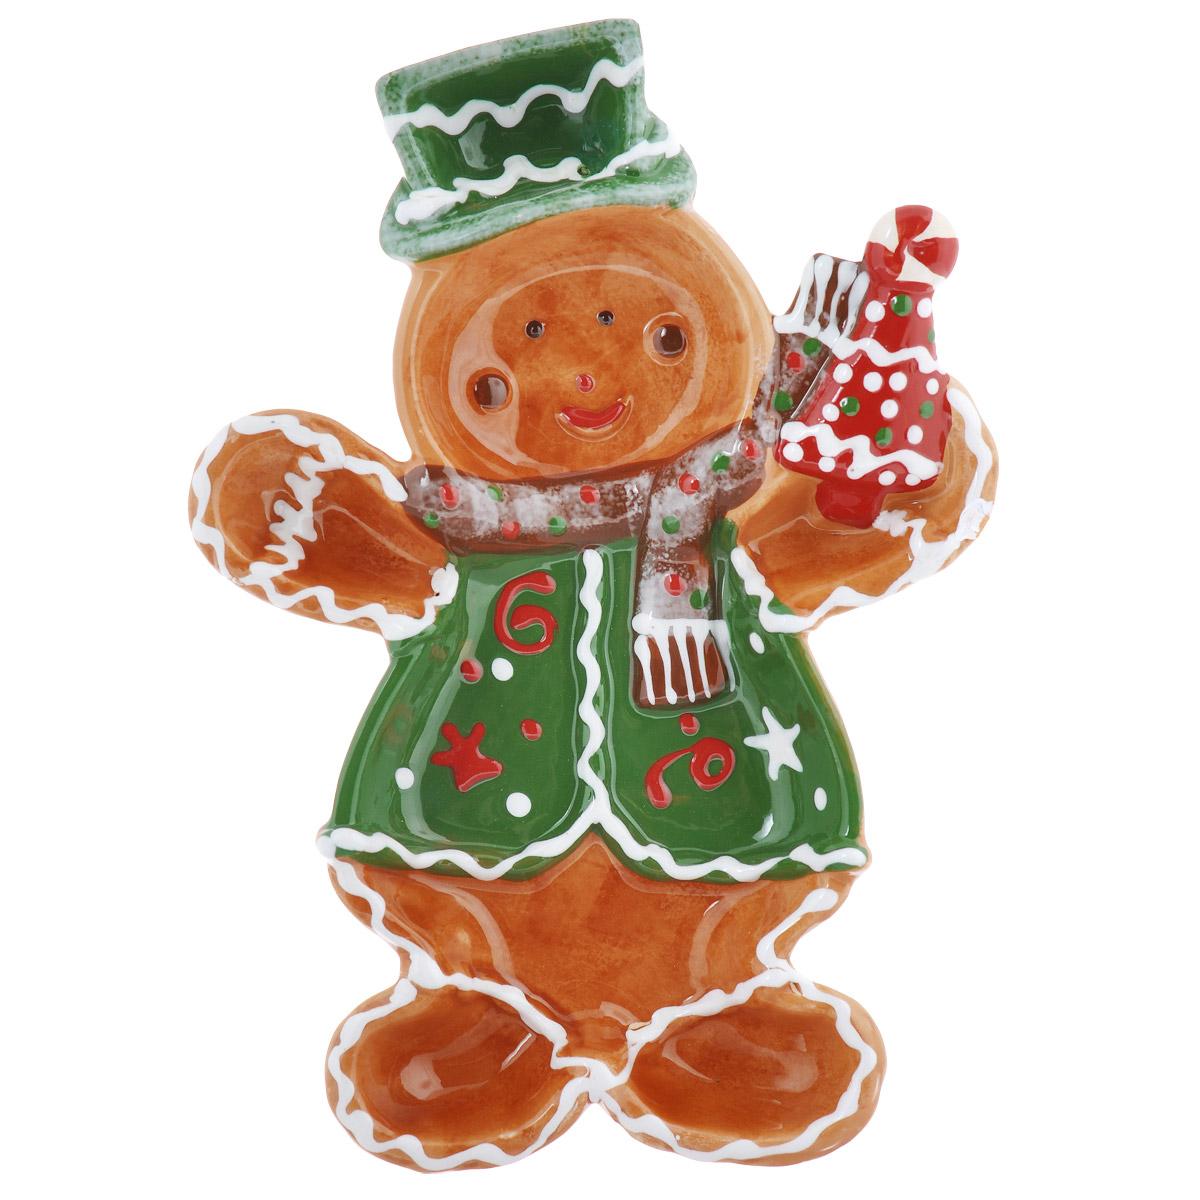 Блюдо House & Holder Снеговик, 18,5 см х 26 см х 3 см115510Блюдо House & Holder Снеговик выполнено из высококачественного фаянса в виде снеговика и имеет отделение для соуса. Такое блюдо можно использовать для подачи закусок. Оригинальный дизайн блюда House & Holder Снеговик идеально впишется в интерьер вашей кухни или будет достойным подарком для родных и друзей.